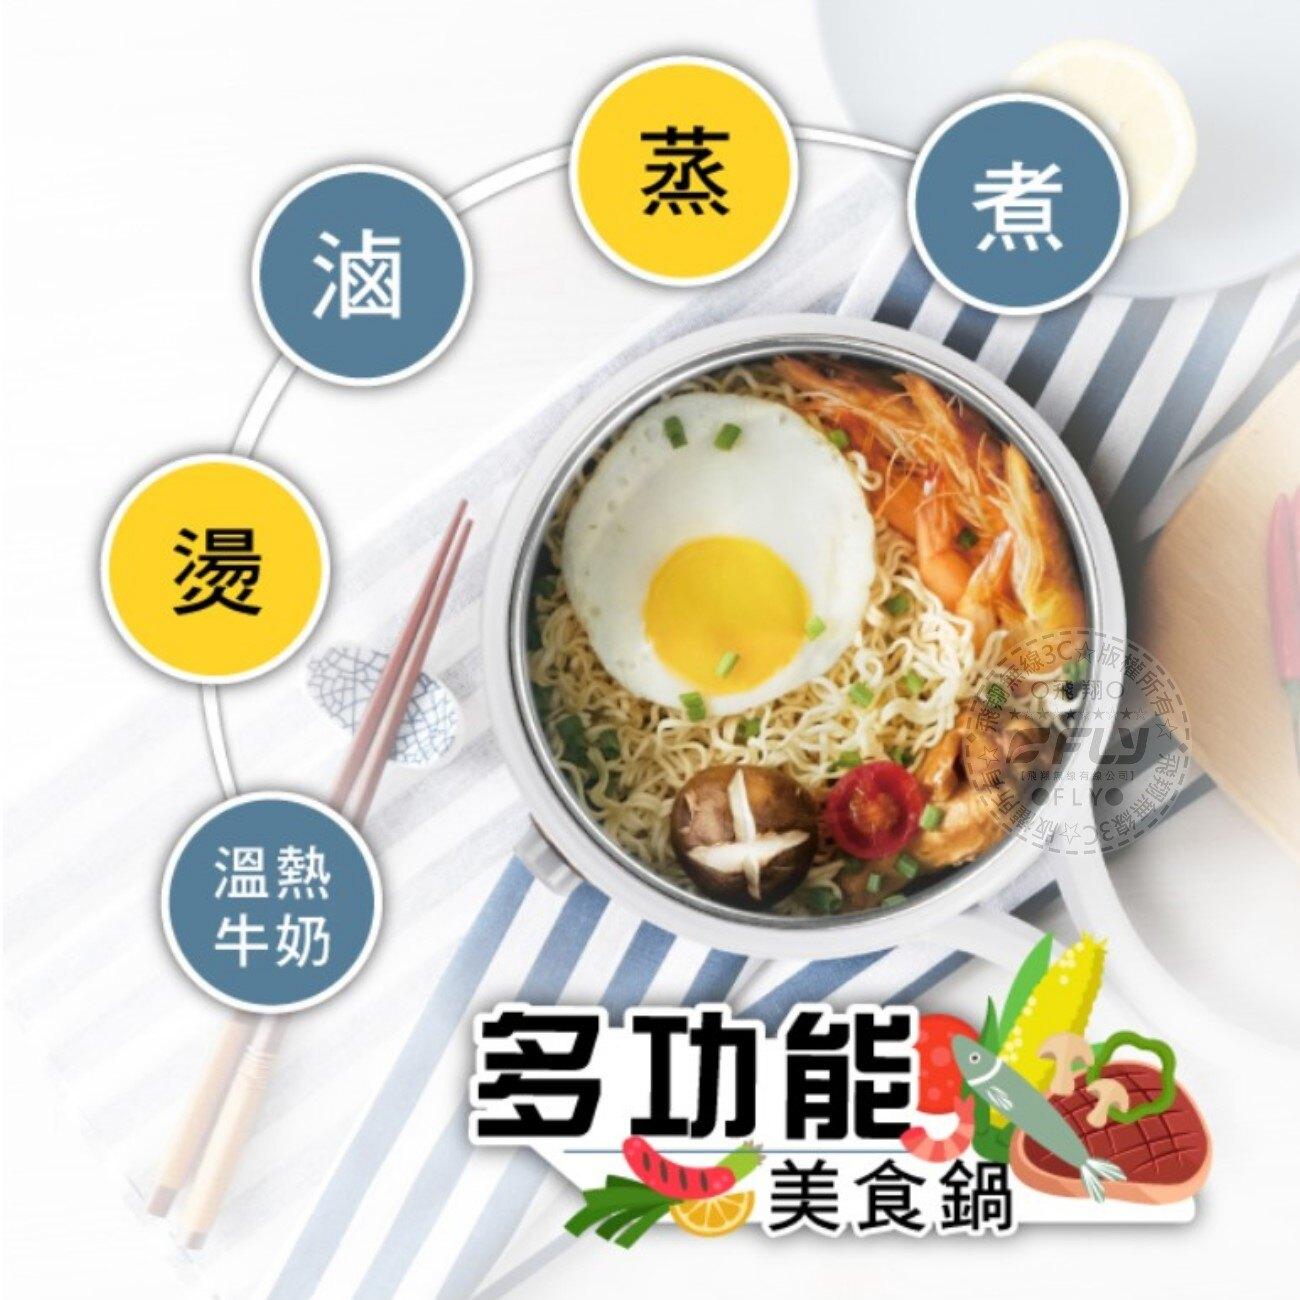 《飛翔無線3C》KINYO 耐嘉 FP-09 304不鏽鋼防燙美食鍋◉公司貨◉1.8公升◉多功能快煮鍋 蒸滷燙